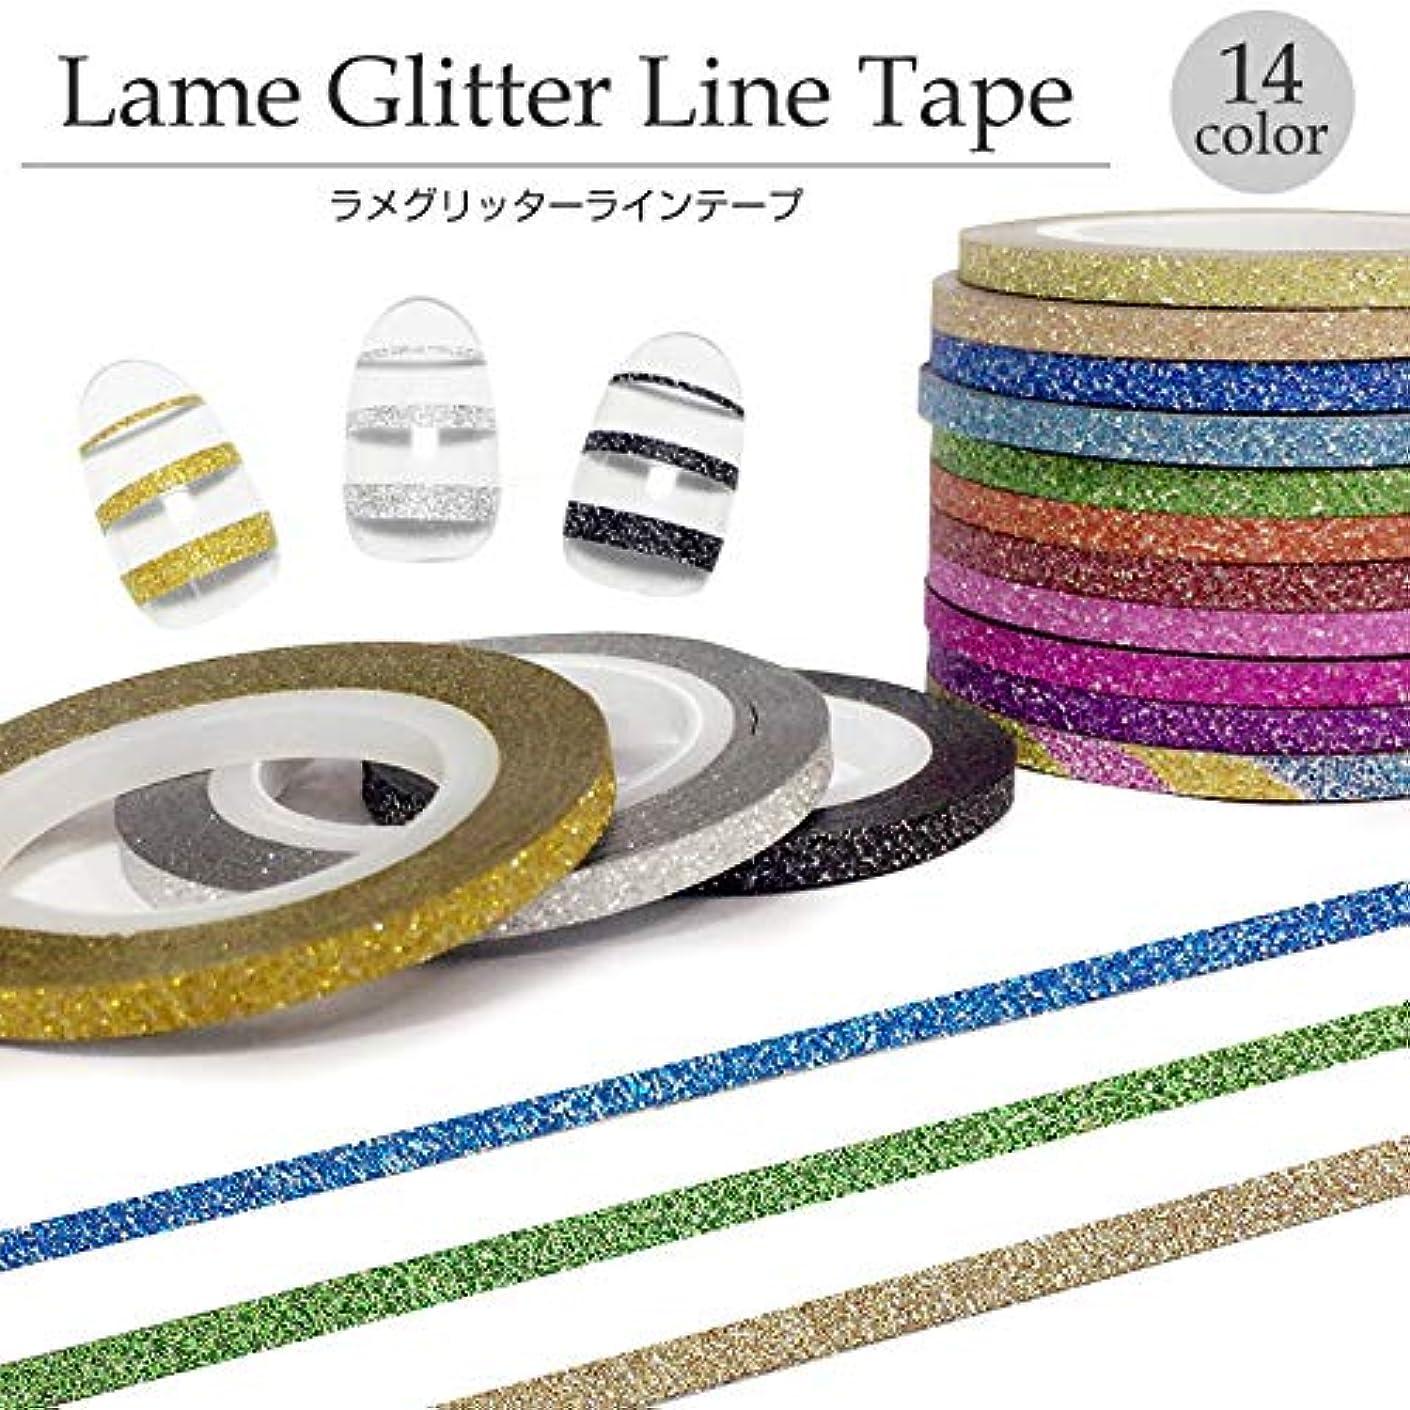 経験者生態学シールラインテープ ラメグリッターラインテープ (1mm, 10.シャンパンF)